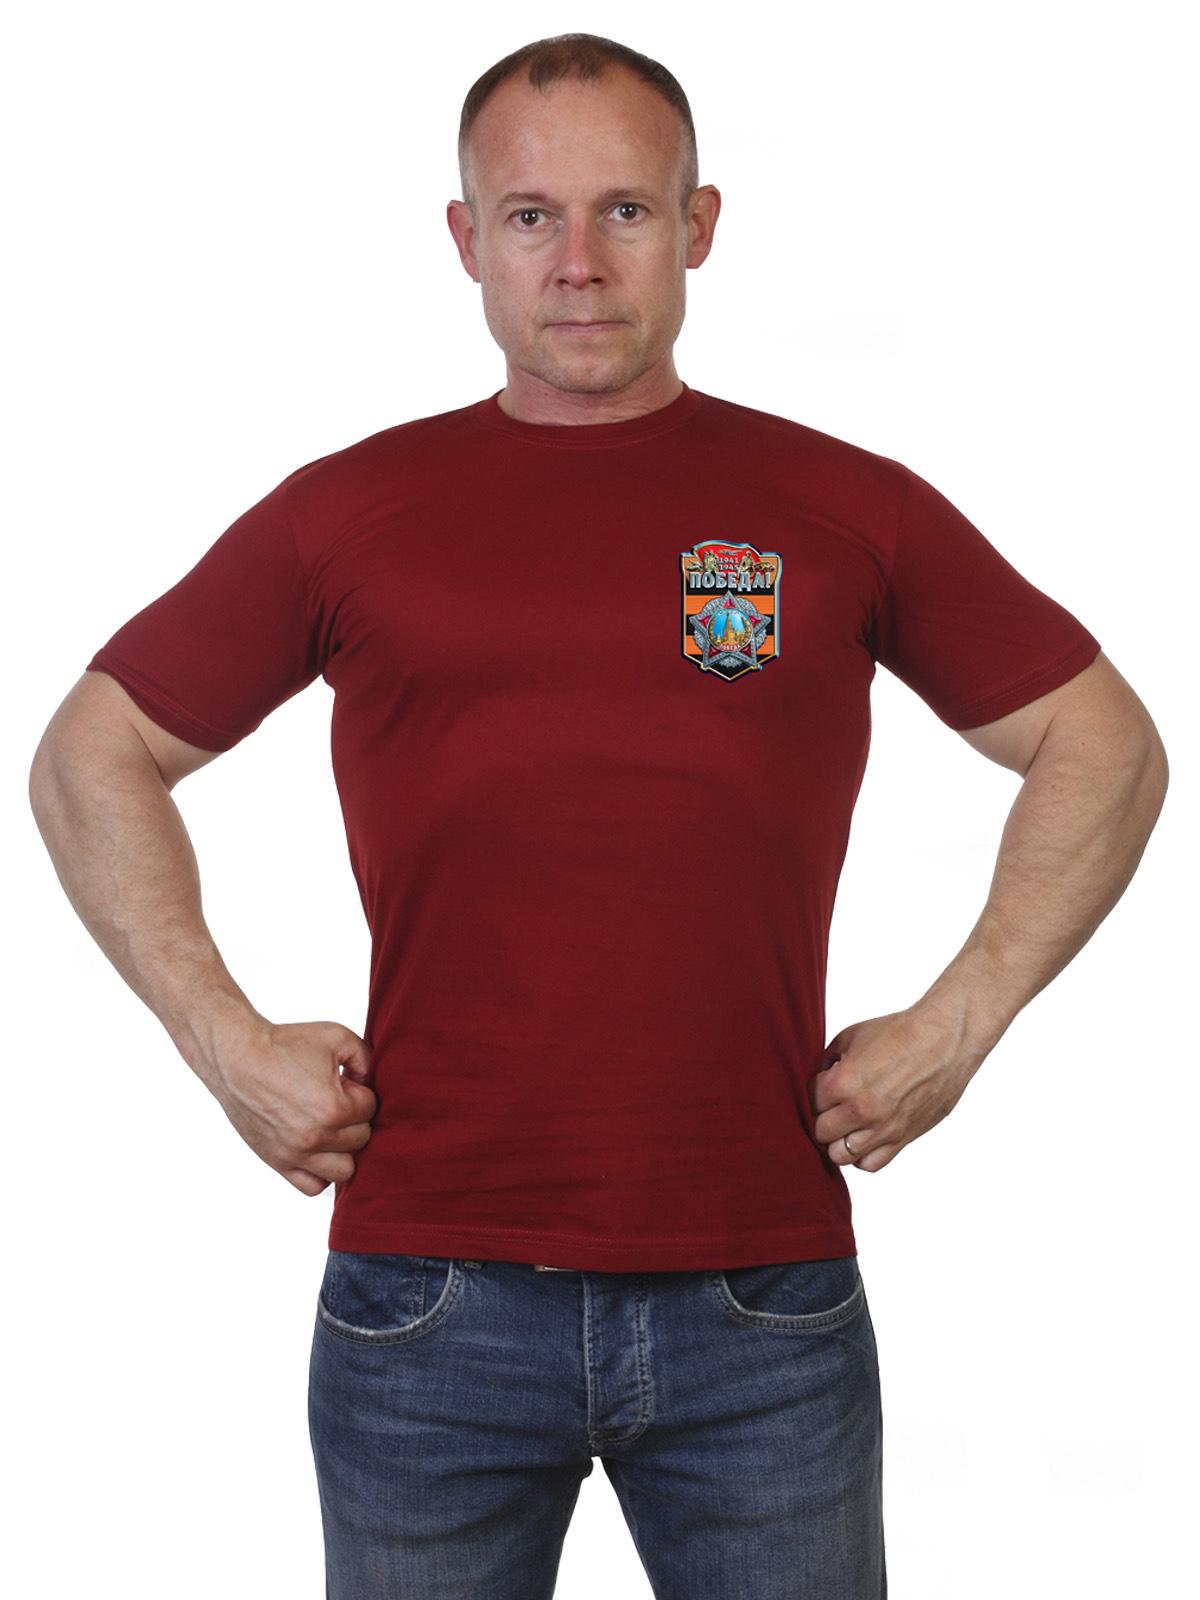 Купить с доставкой футболку ко Дню Победы